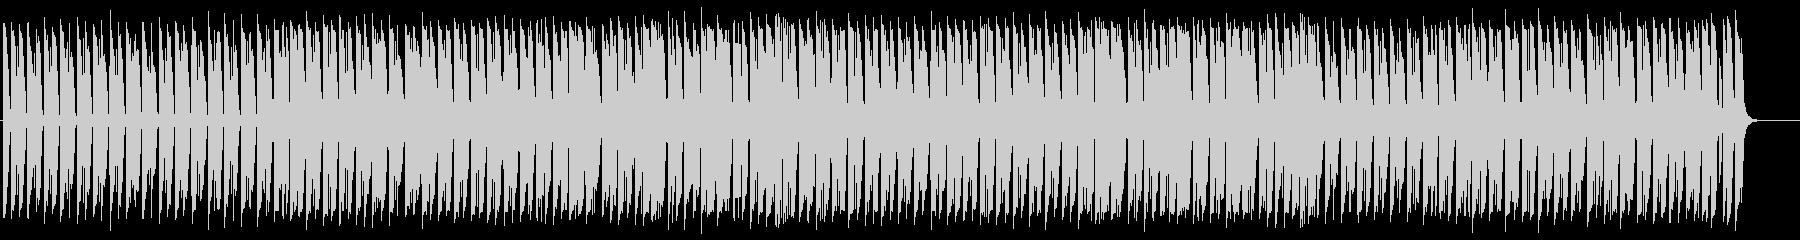 不思議でおもしろいBGMの未再生の波形